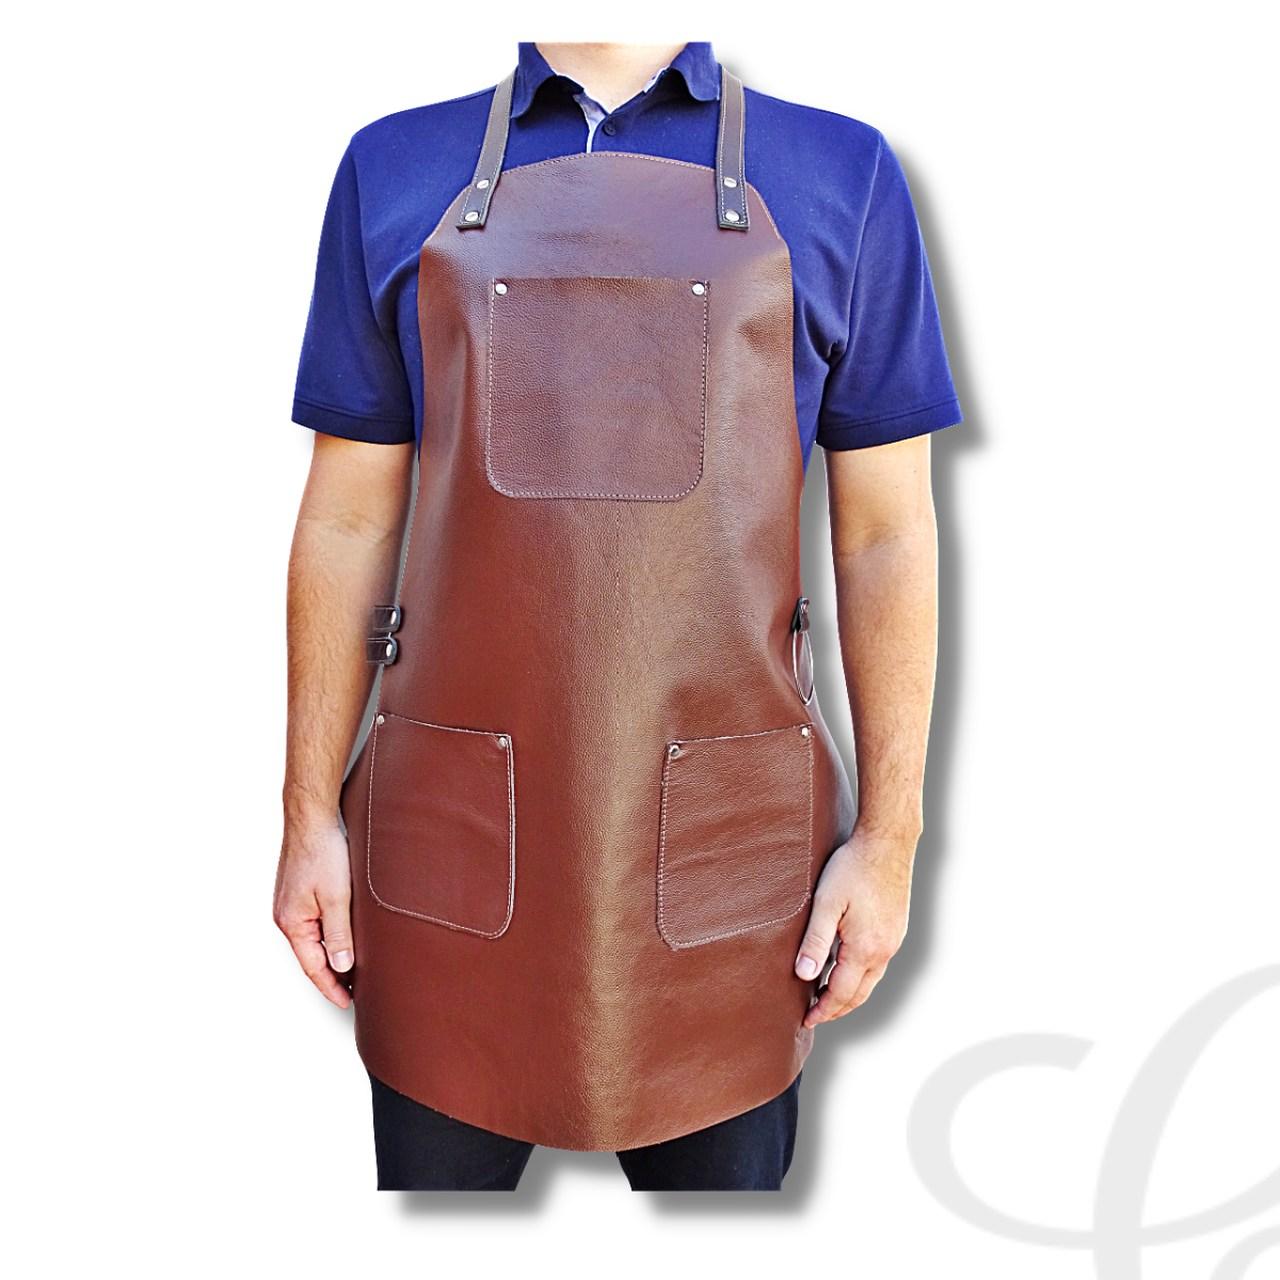 Avental em Couro para Churrasco Chefe Cozinha Premium